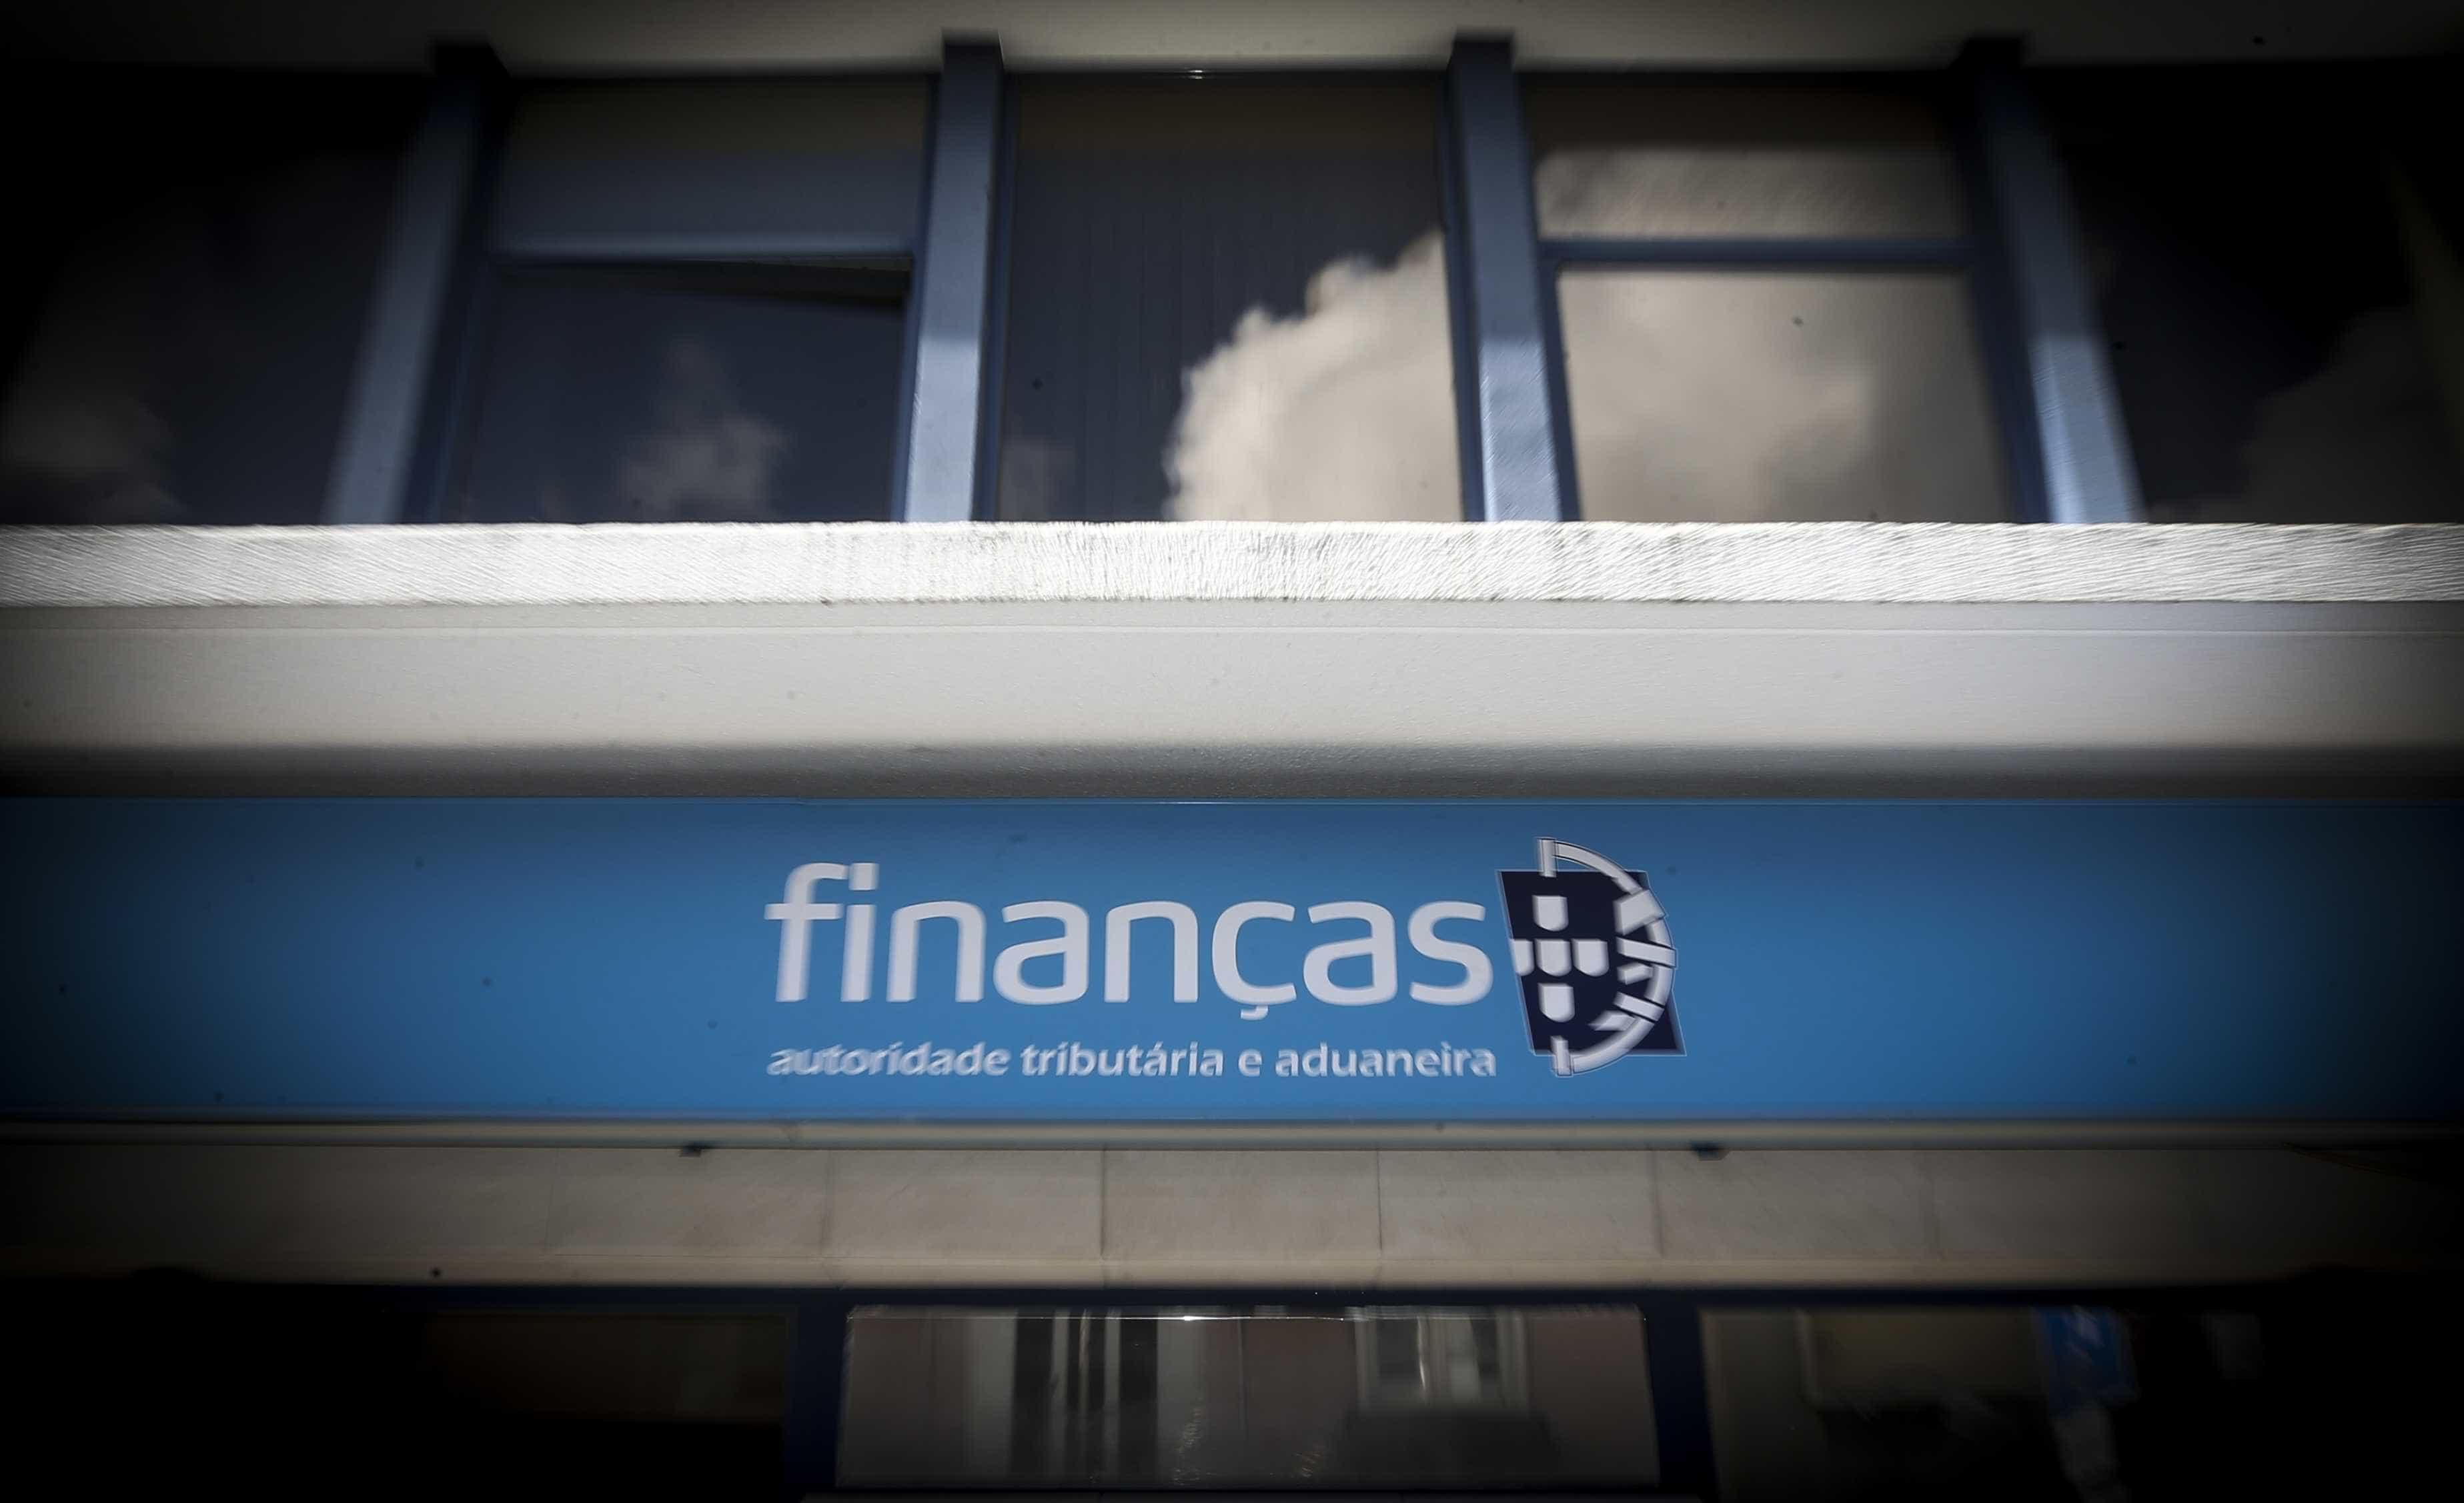 Fisco esclarece. Contribuintes não têm de declarar contas Revolut no IRS